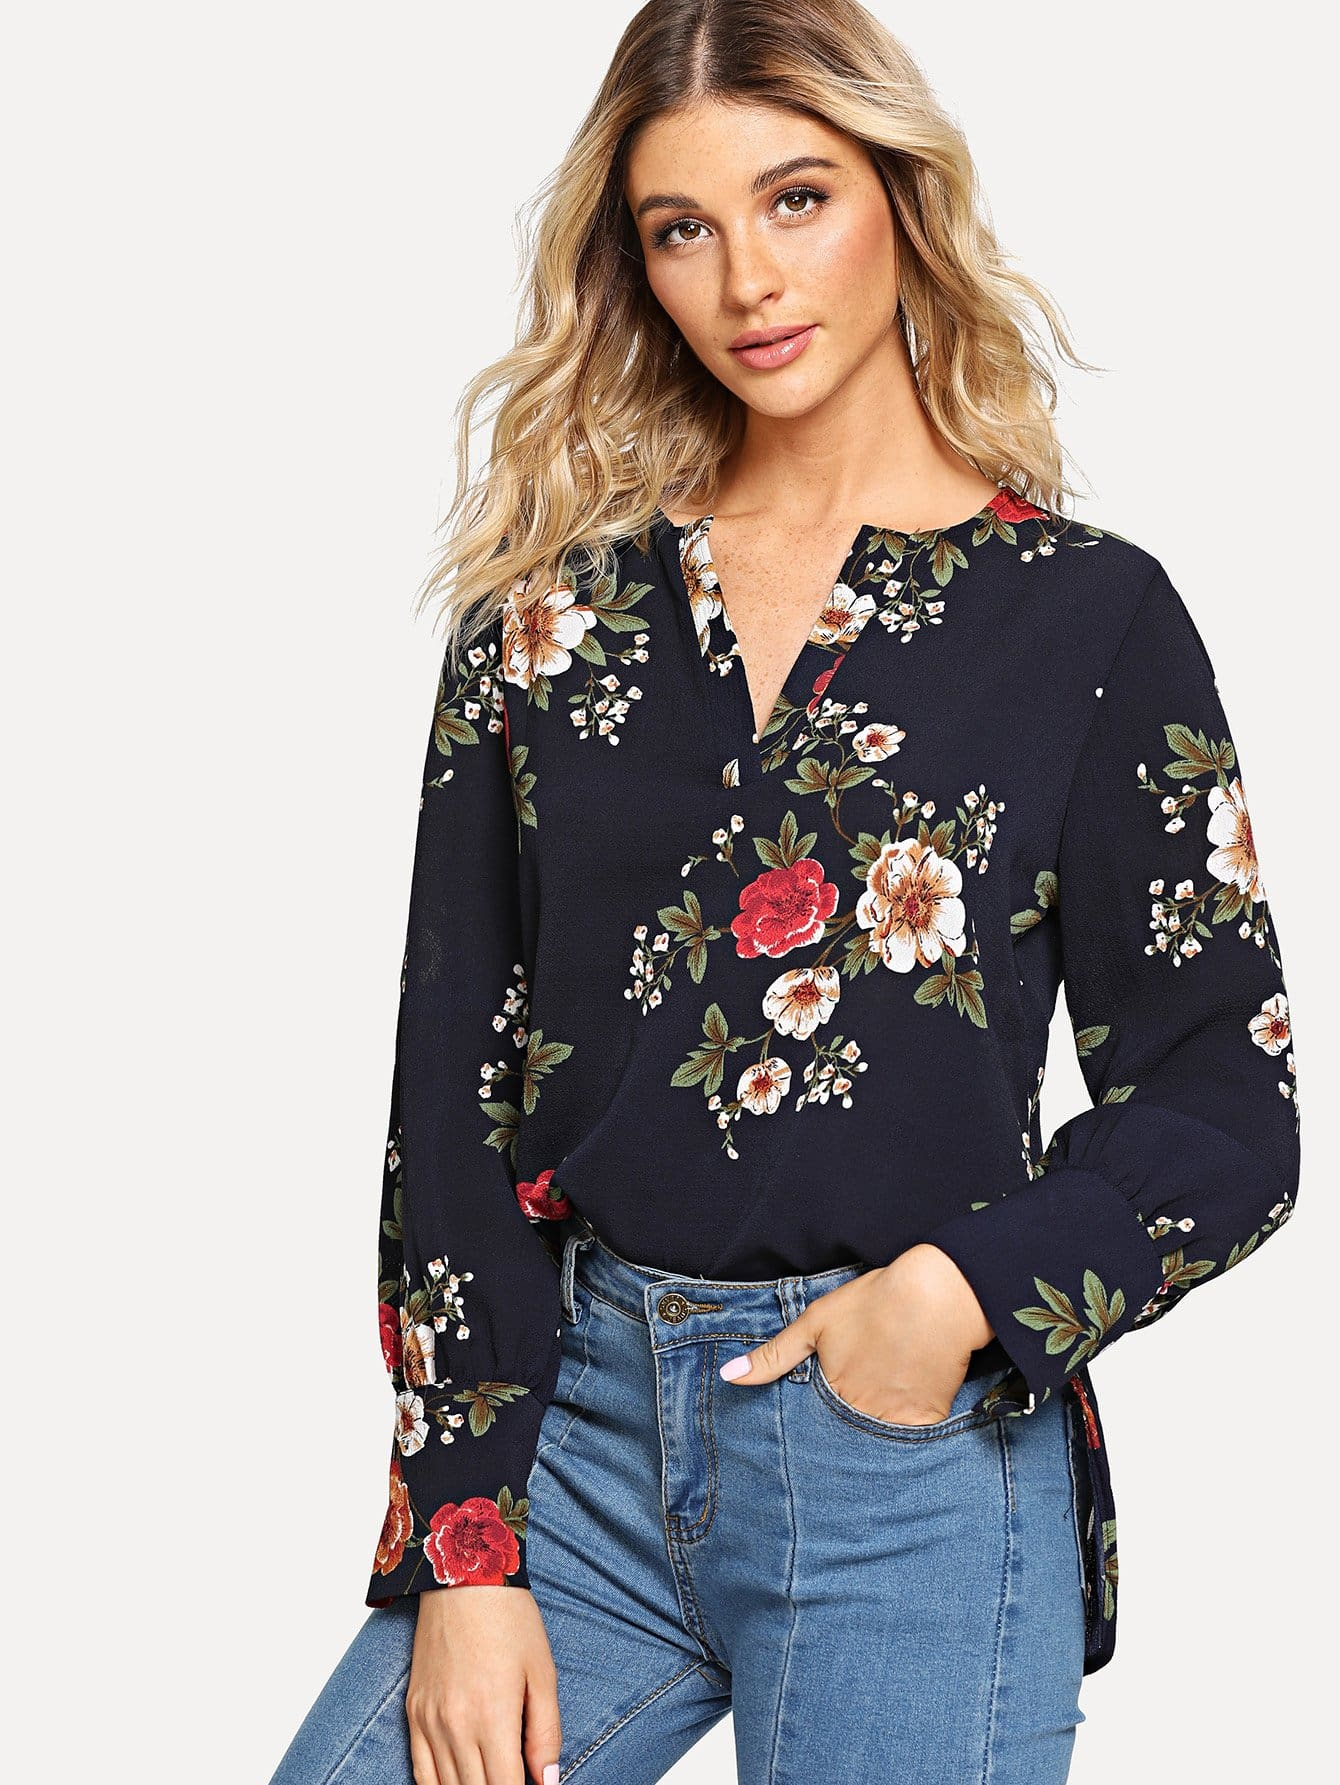 Купить Цветочная рубашка с высоким низким весом, Nathane, SheIn